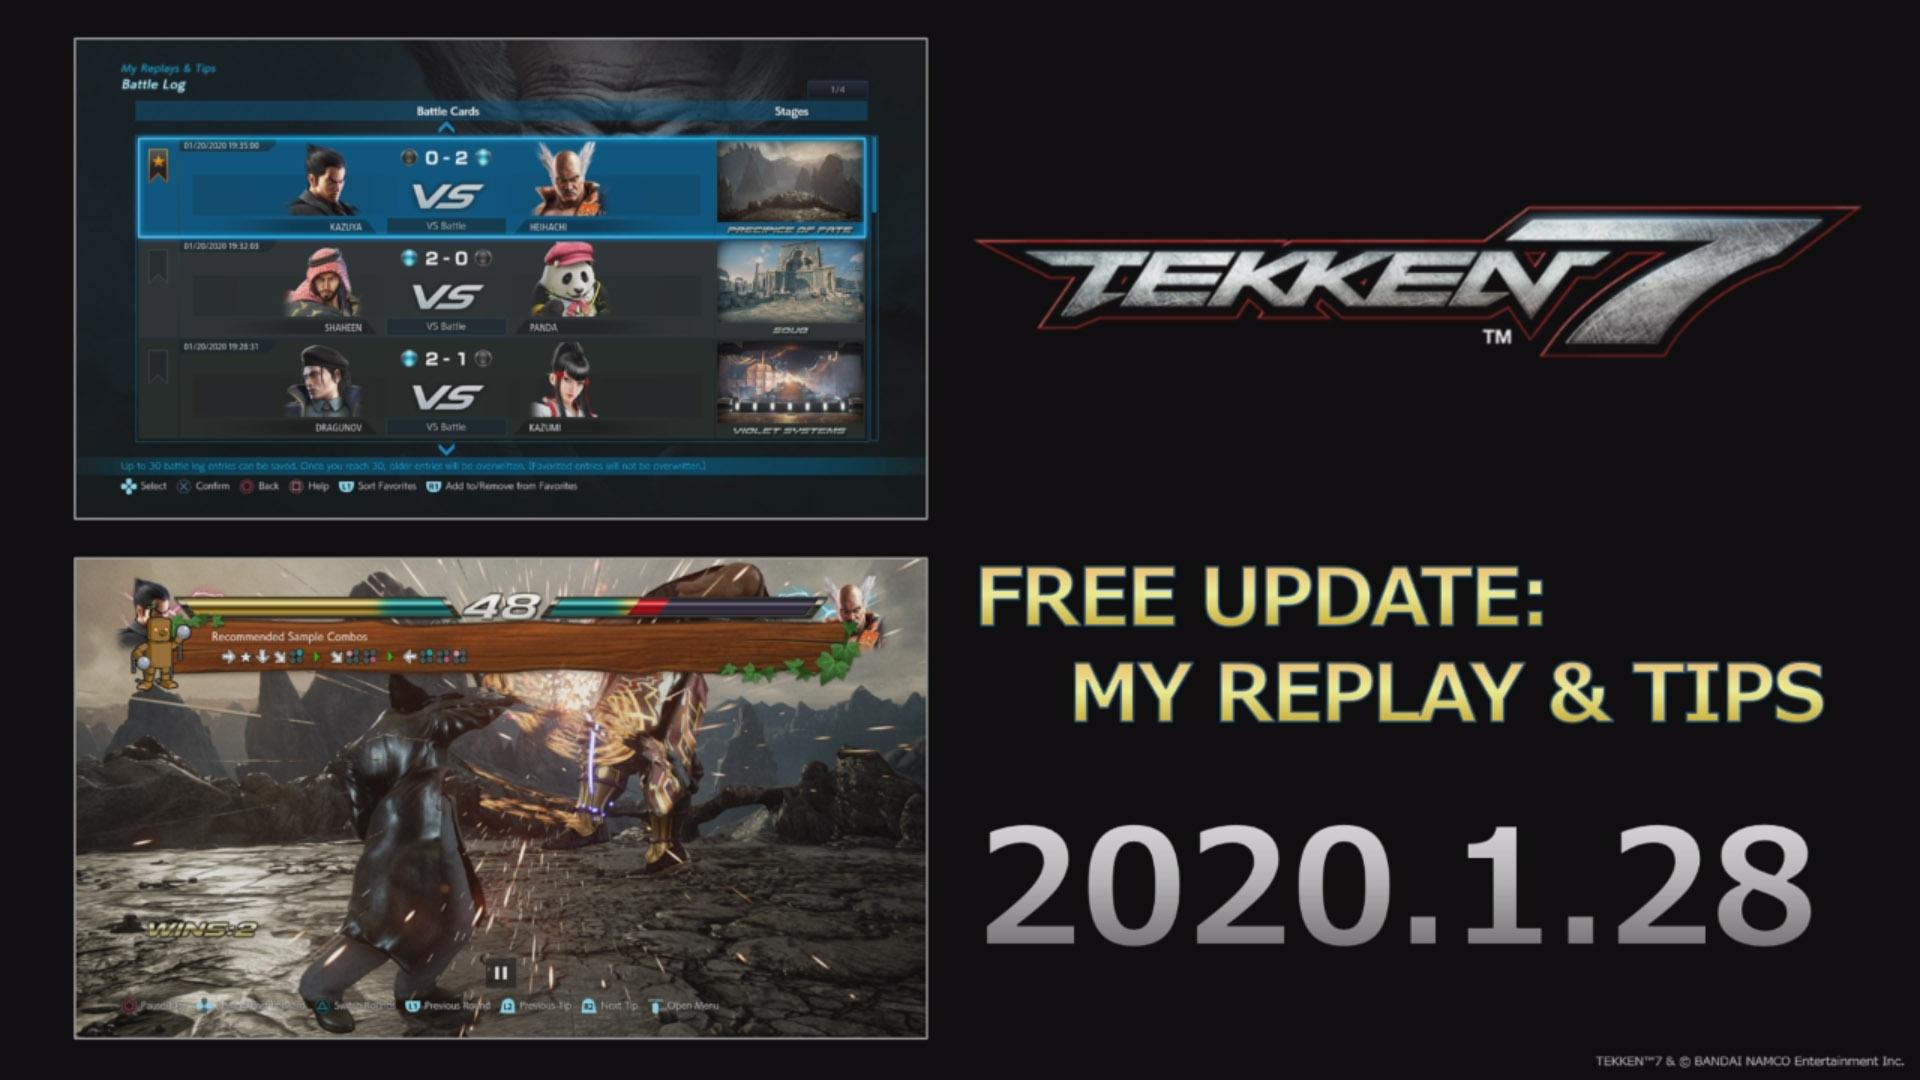 Tekken 7 My Replay Tips Update Launches January 28 Gematsu